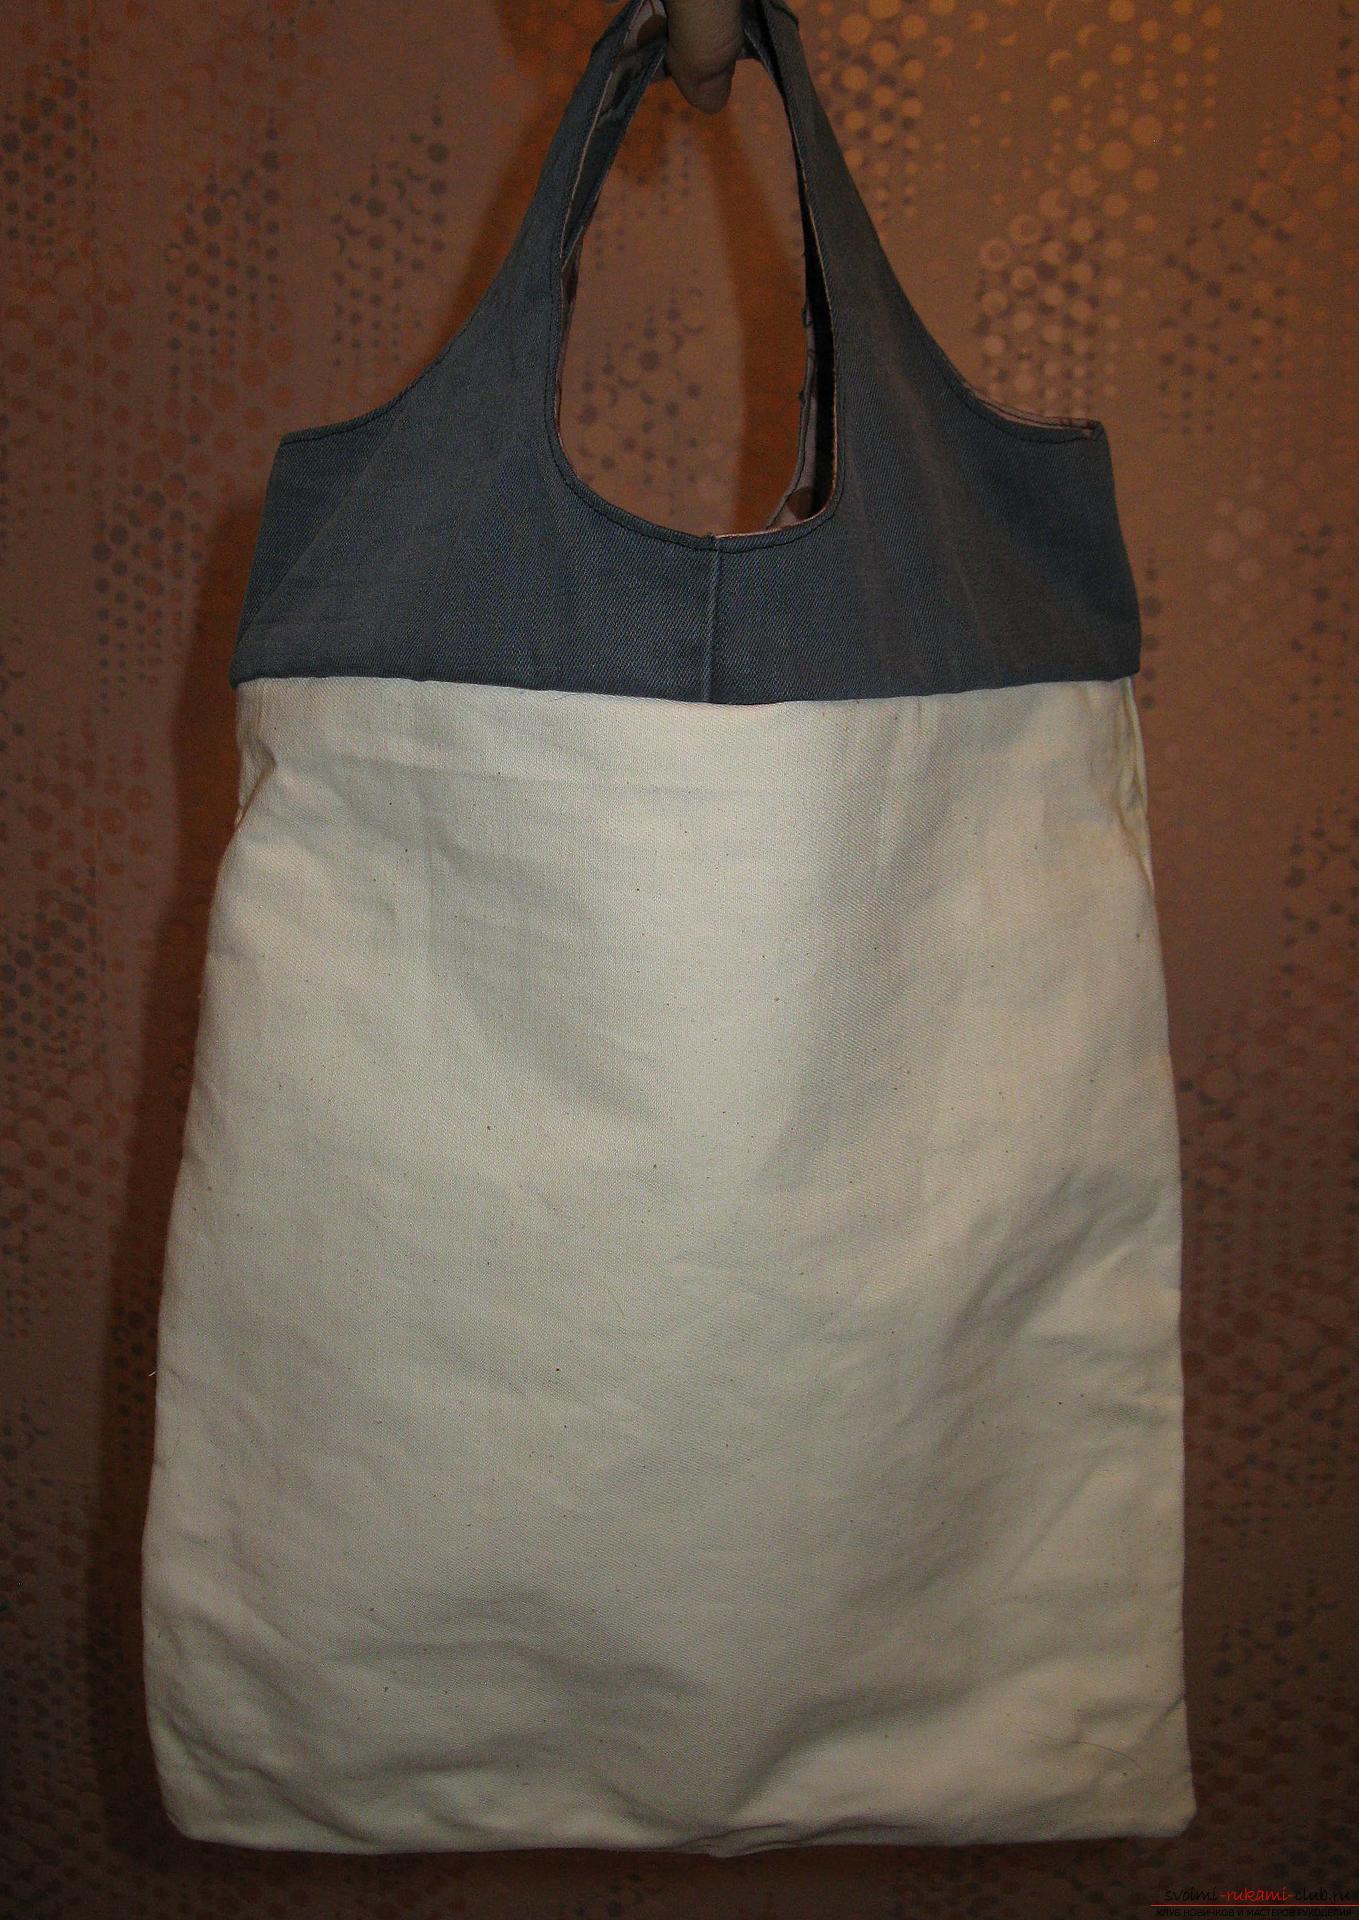 Пошаговые фото к уроку по пошиву хозяйственной сумки. Фото №15